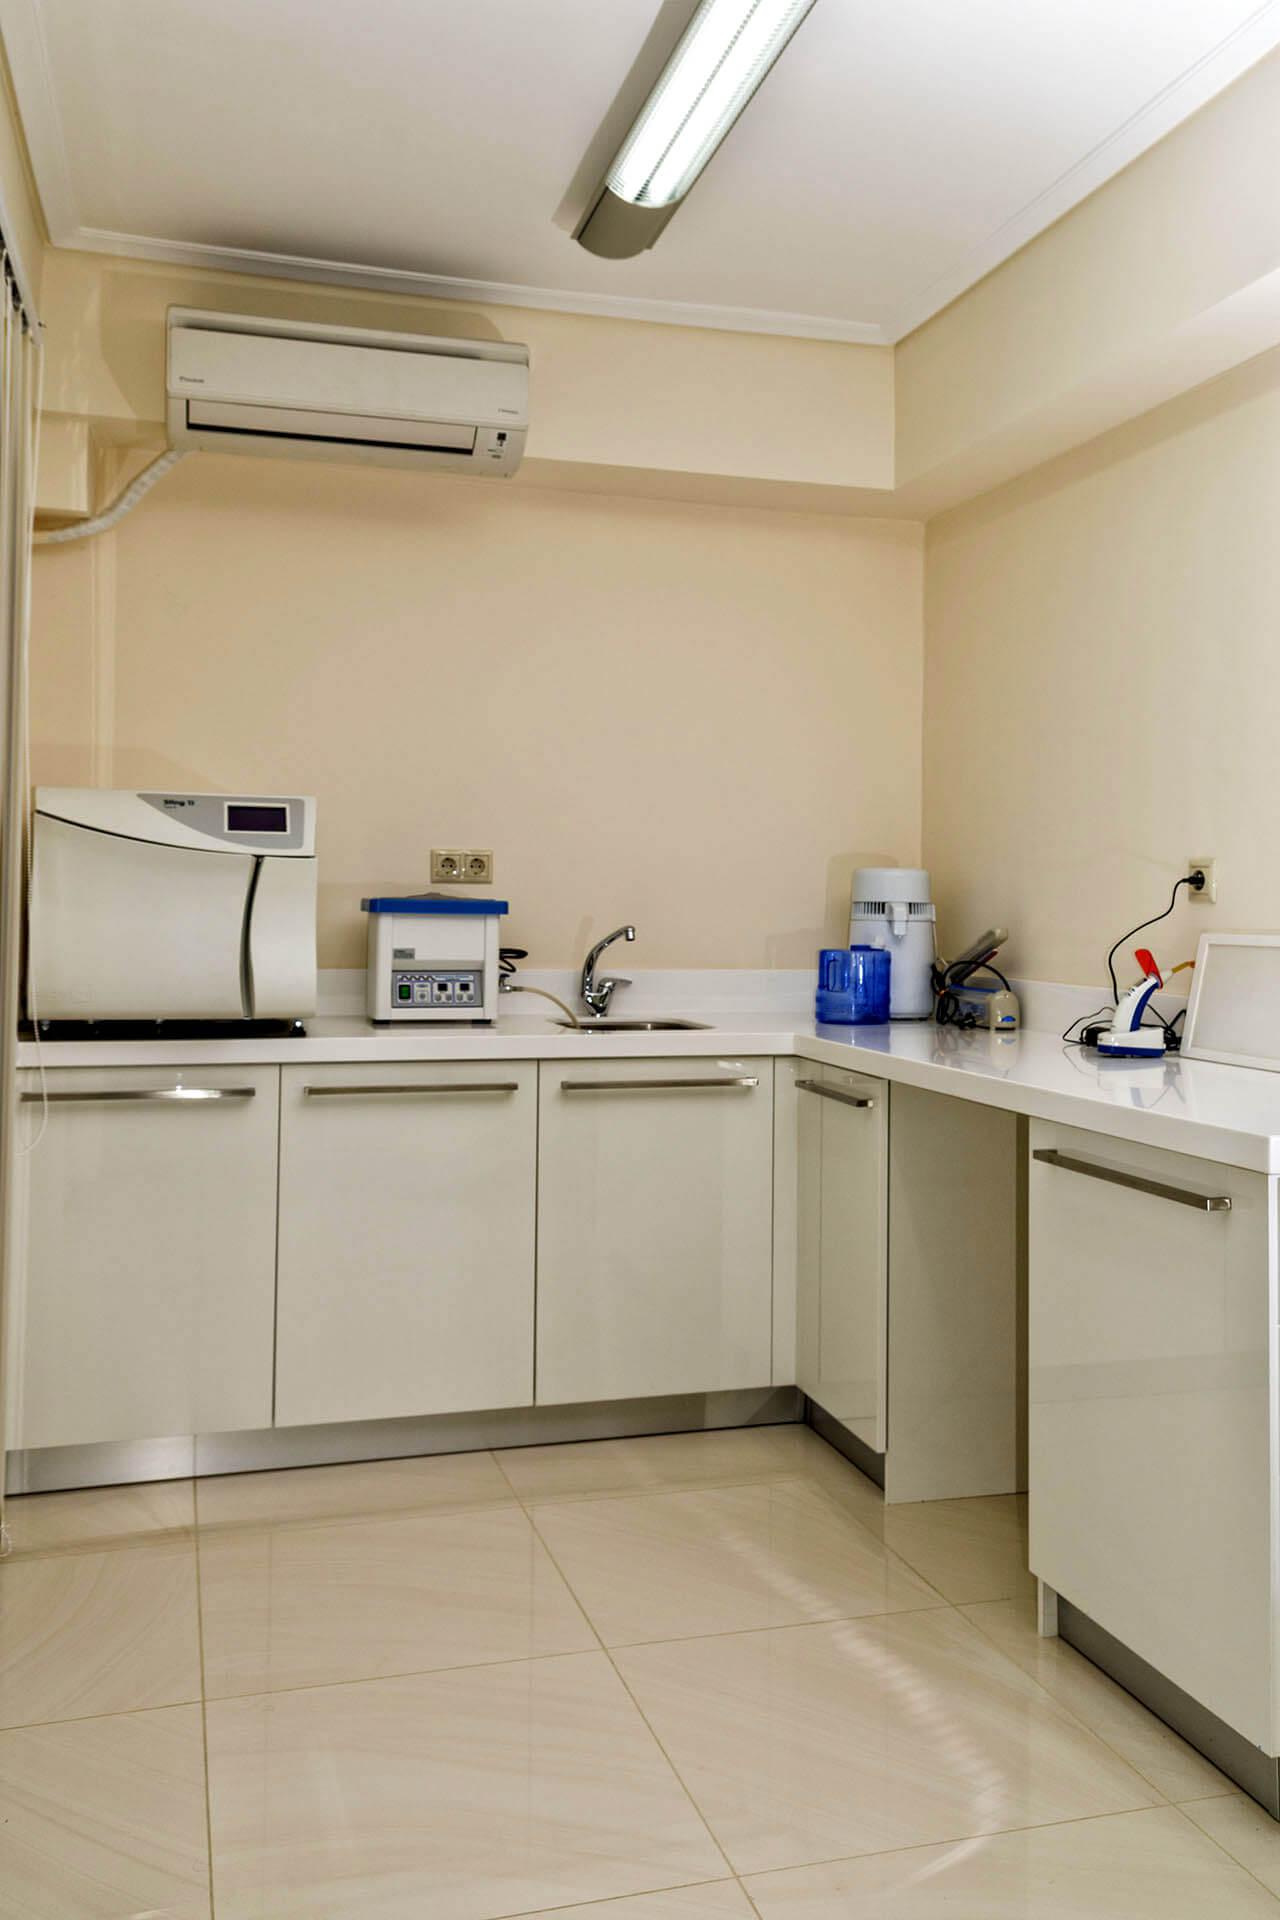 Εσωτερικό ιατρείου και μηχανήματα